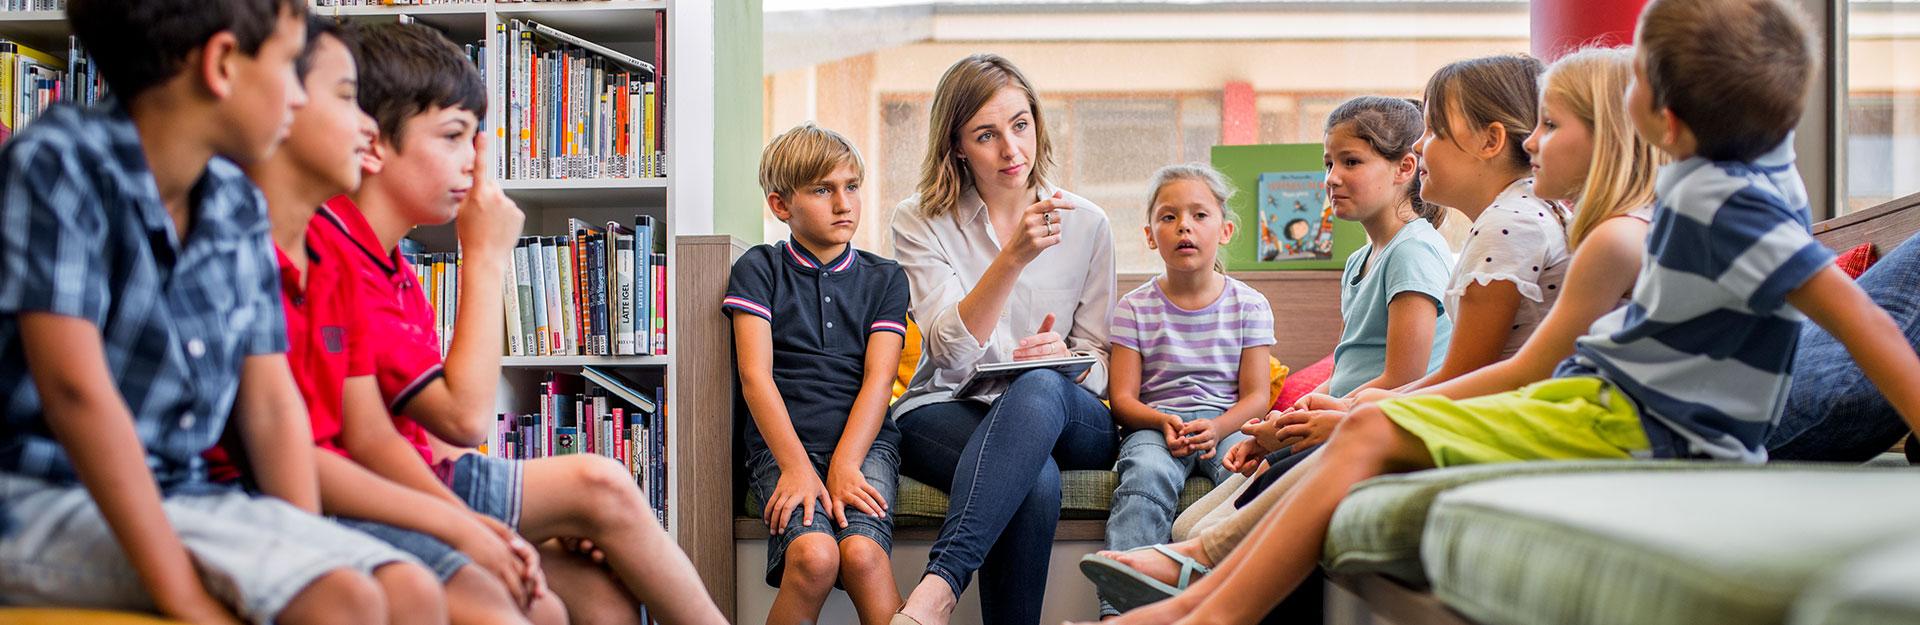 OBS Opwaardz Olst - Jeelo Onderwijs